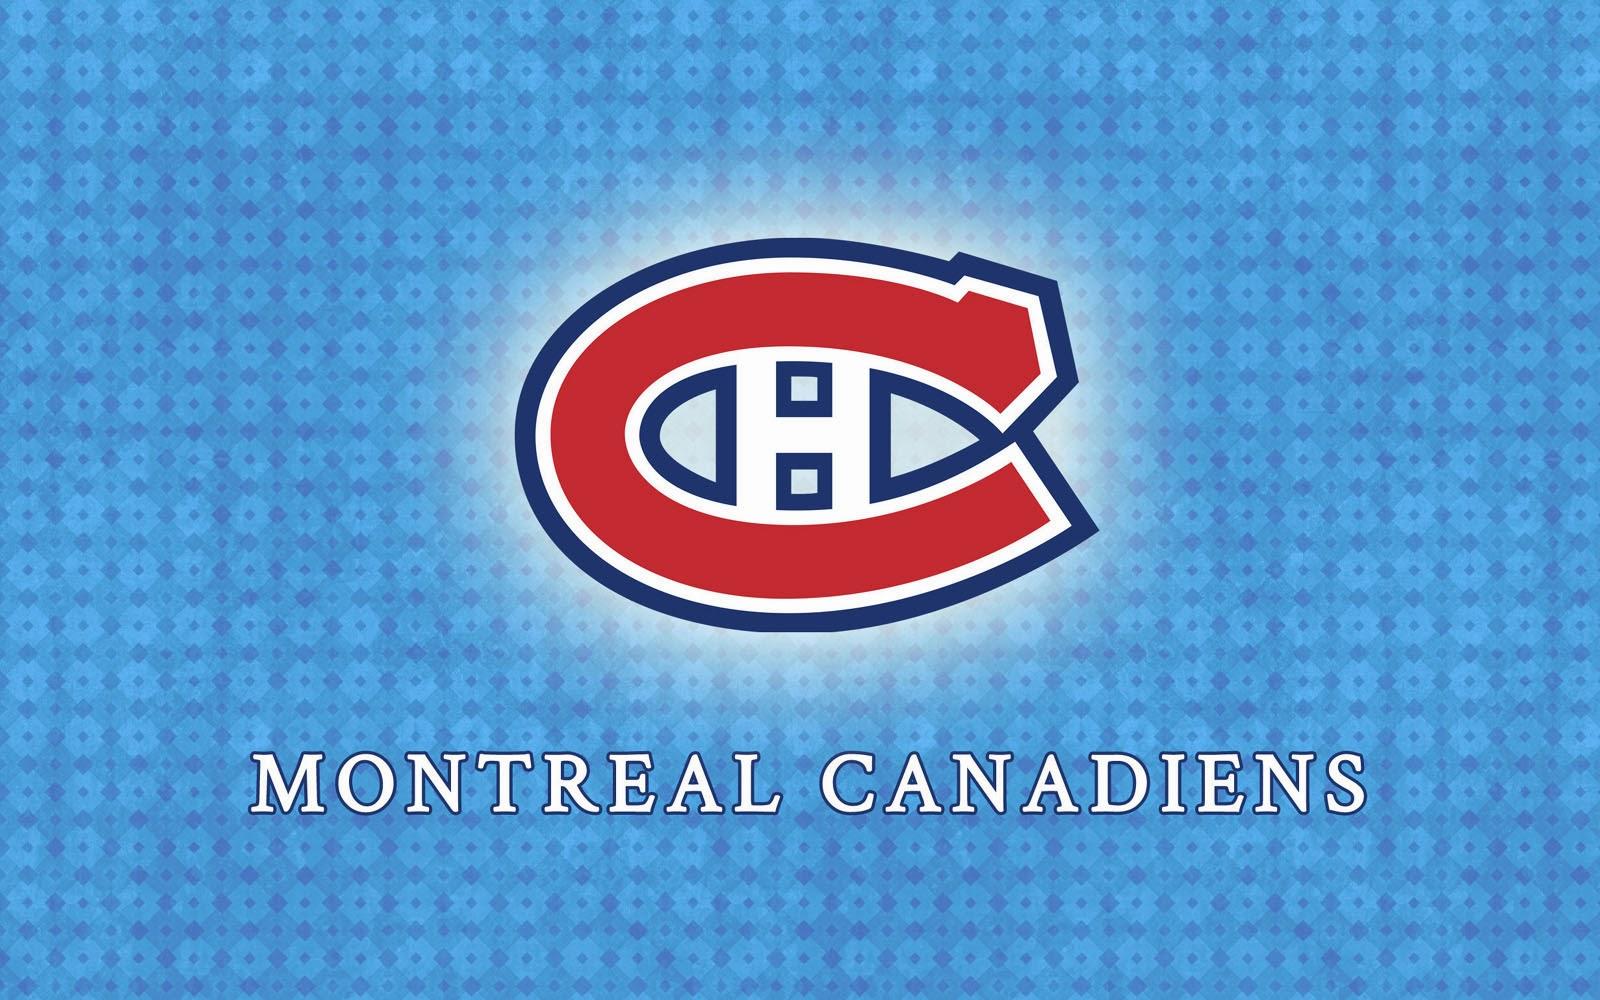 Montreal Canadiens Wallpapers   Top Wallpaper Desktop 1600x1000